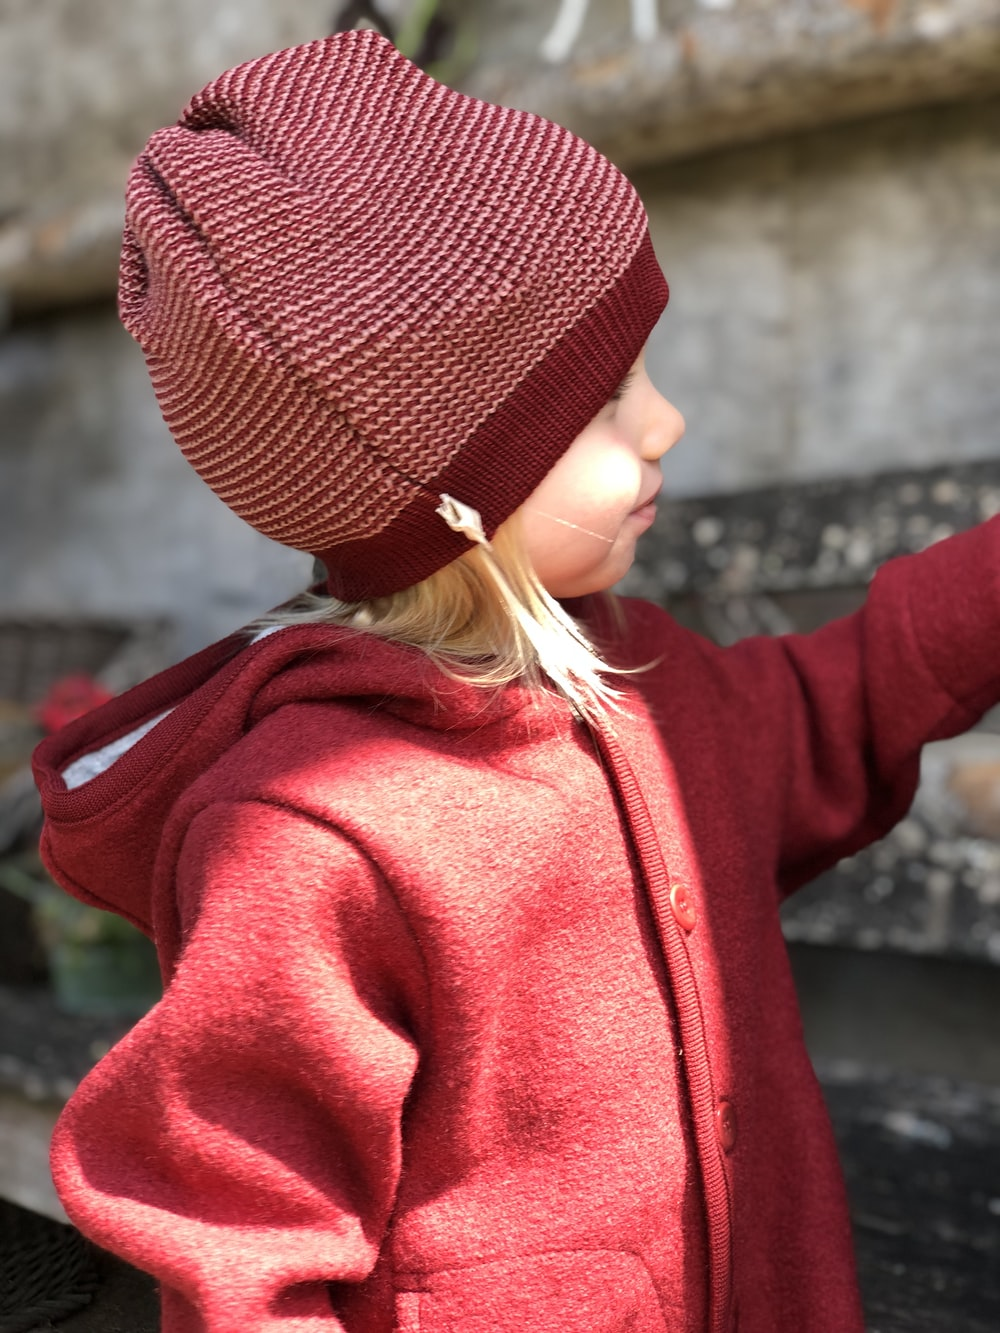 girl wearing red jacket